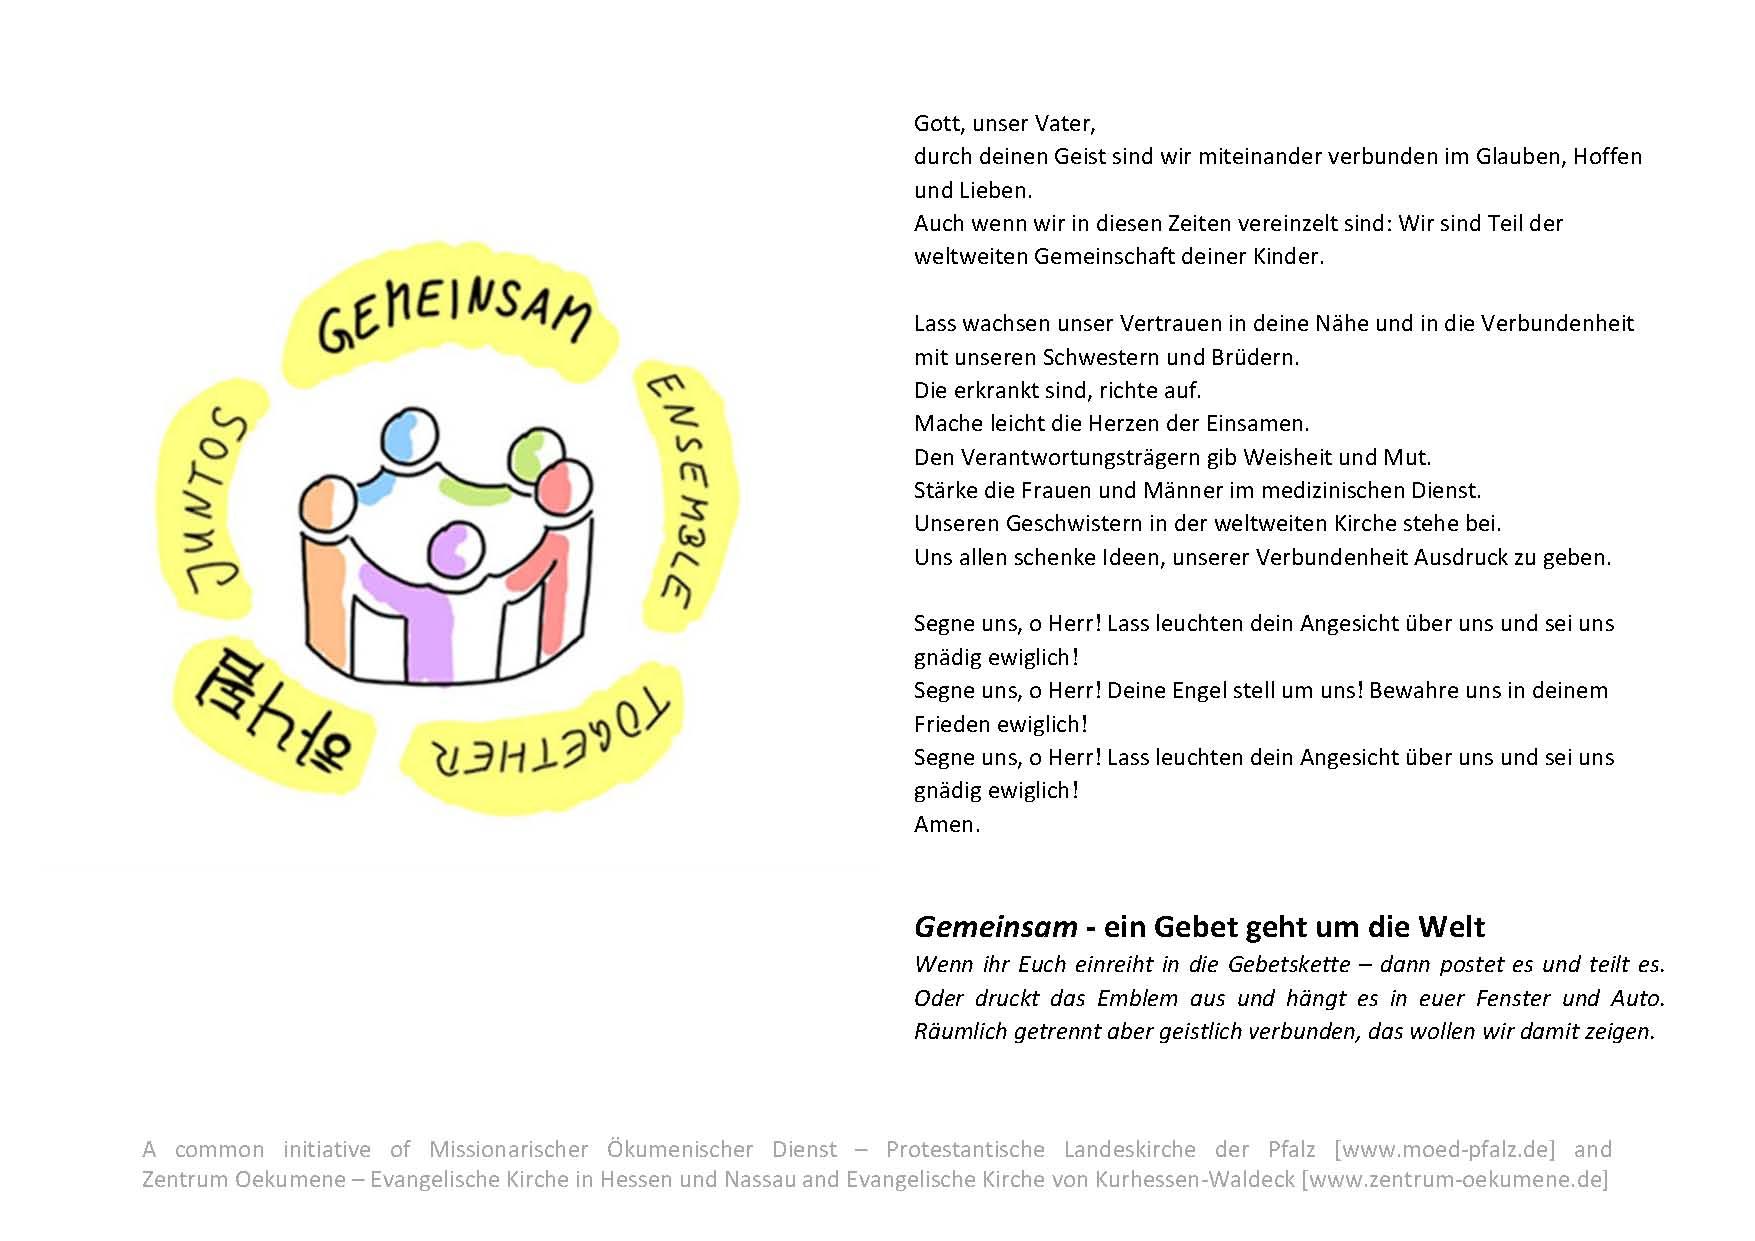 https://www.ekhn.de/fileadmin/content/ekhn.de/download/oekumene/corona/gebete/Gebet_mit_Symbol_D.jpg